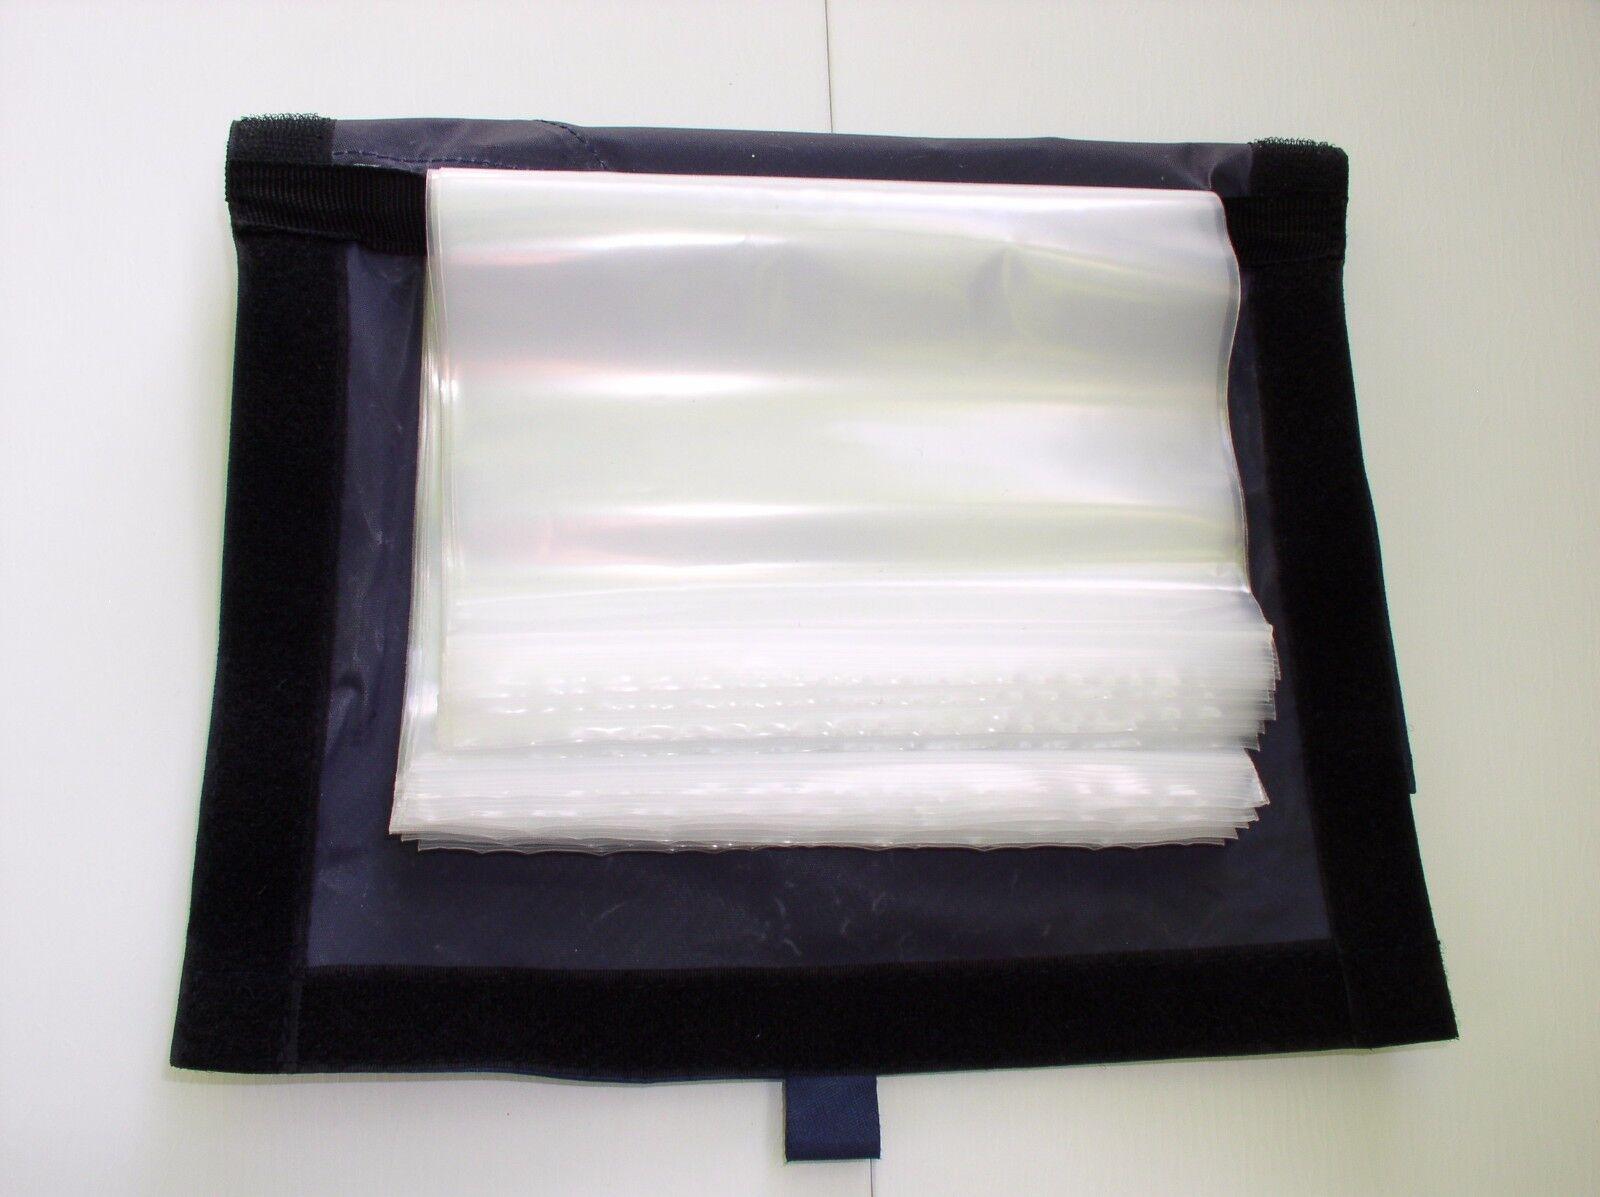 Vorfachtasche für Meeressysteme von DEGA - wirklich schön schön schön gemacht, Rig Wallet 040313